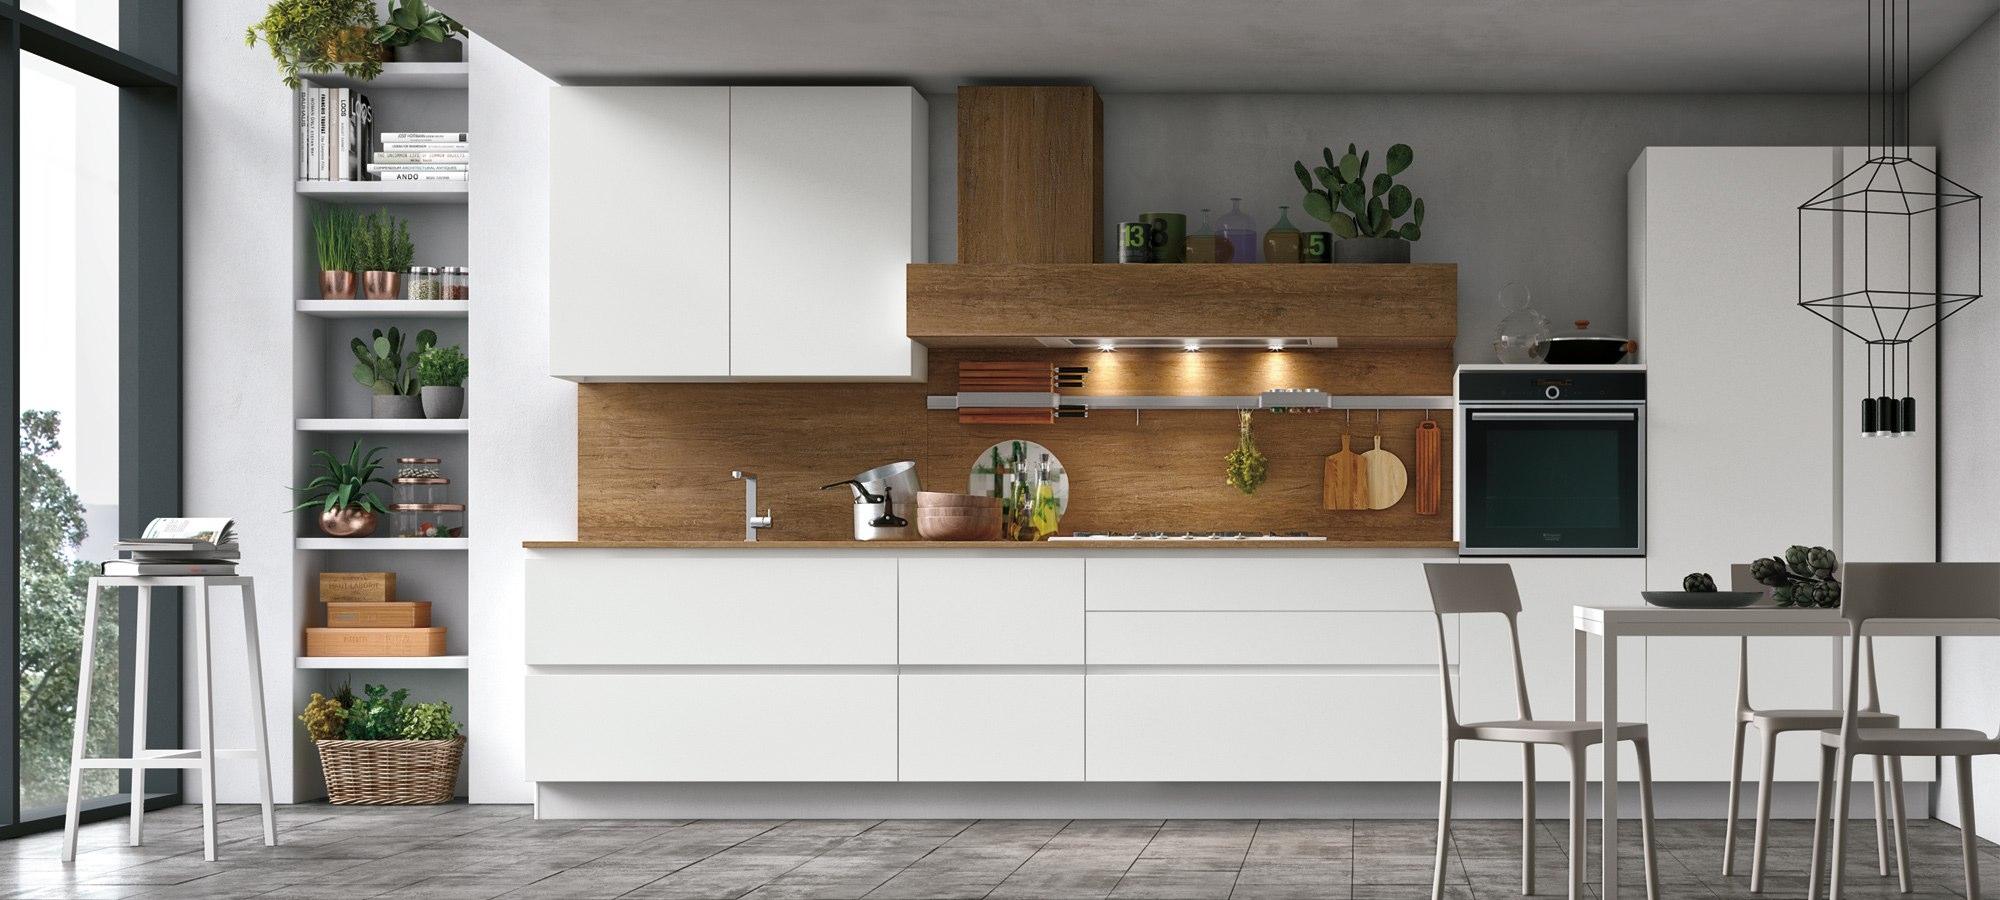 Cucina stosa cucine infinity composizione tipo 02 cucine - Prezzo cucine stosa ...